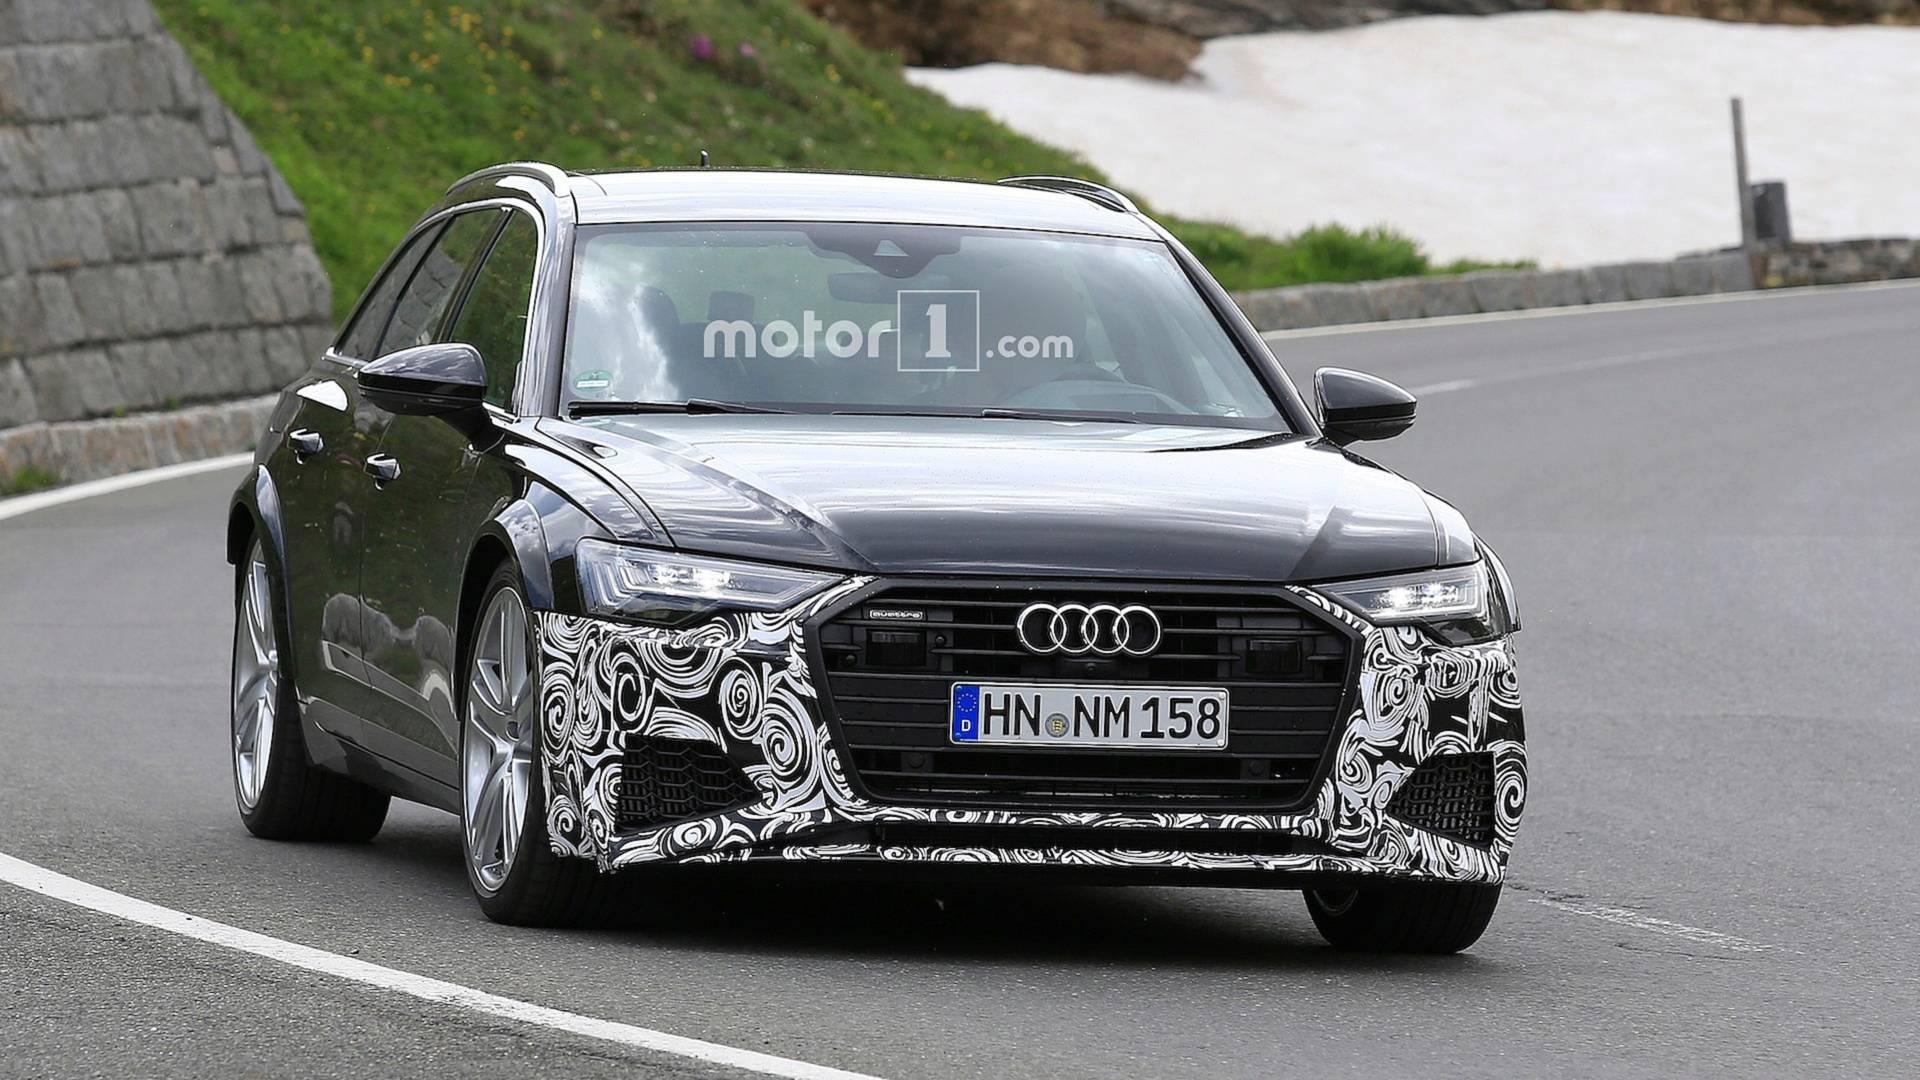 Yeni Audi Rs6 Avant In Bazi Detaylari Ortaya Cikti